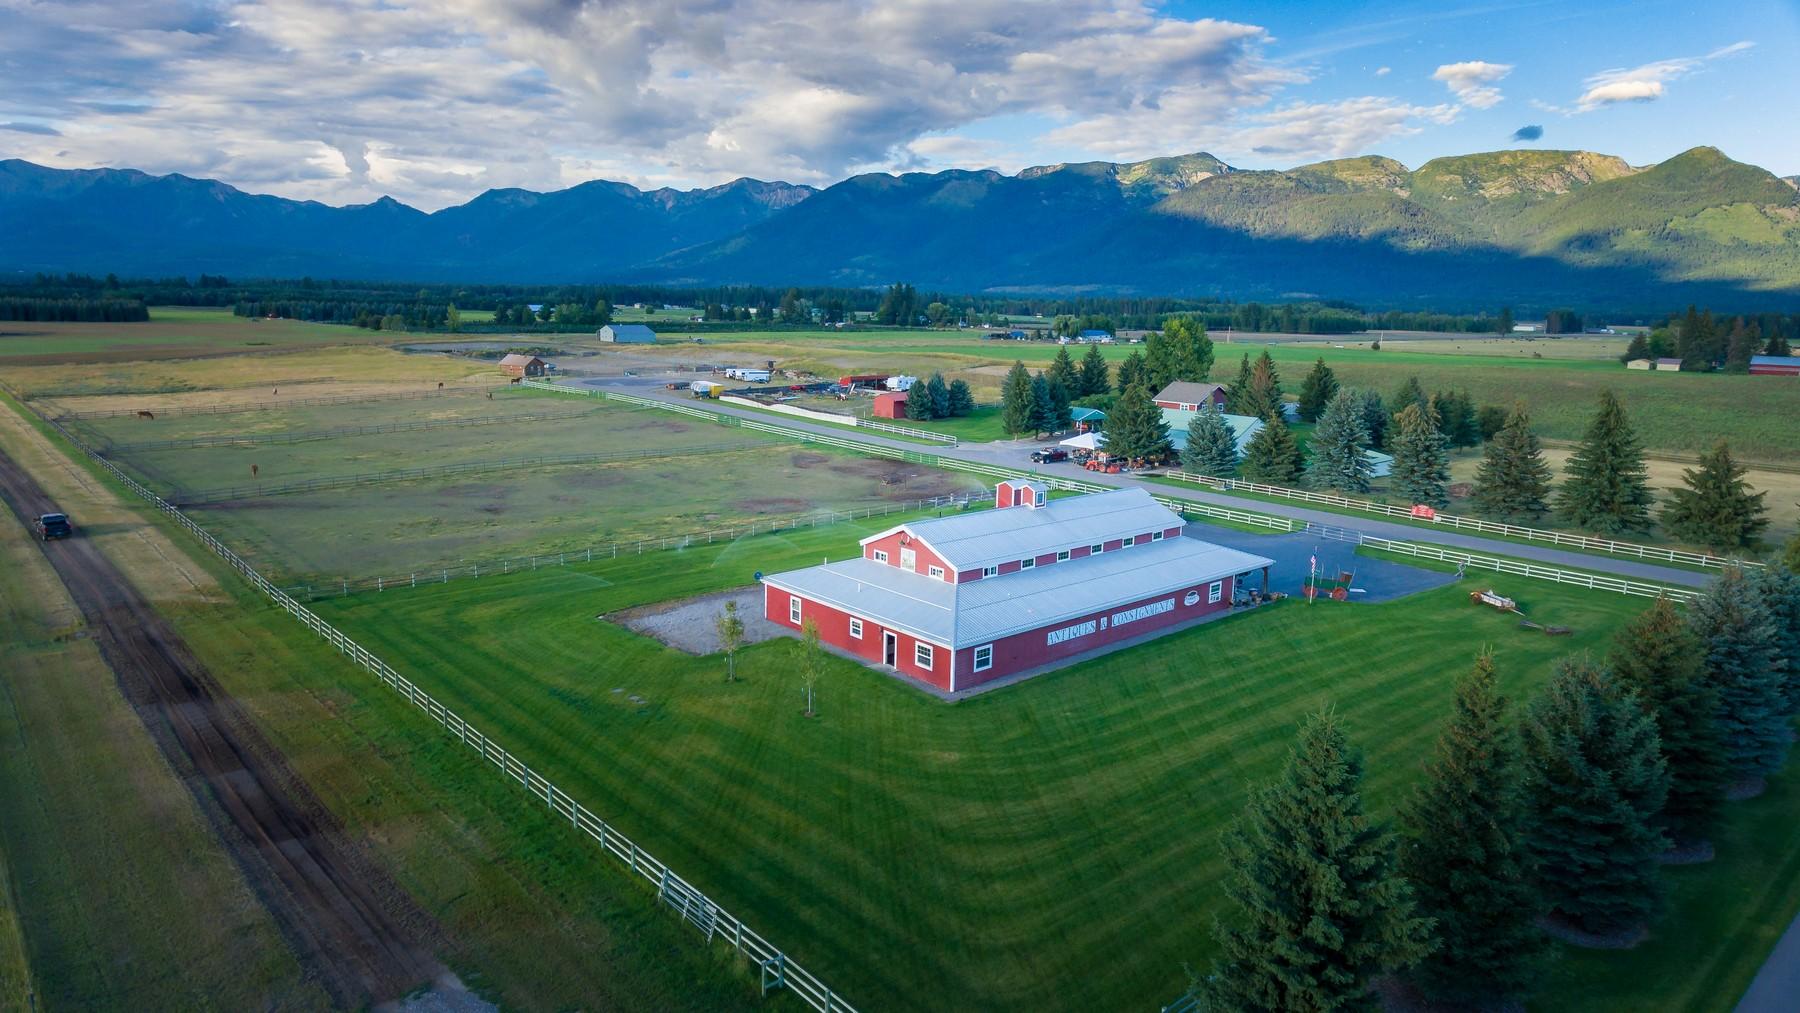 Land for Sale at 198 Hill Rd , Bigfork, MT 59911 198 Hill Rd Bigfork, Montana 59911 United States